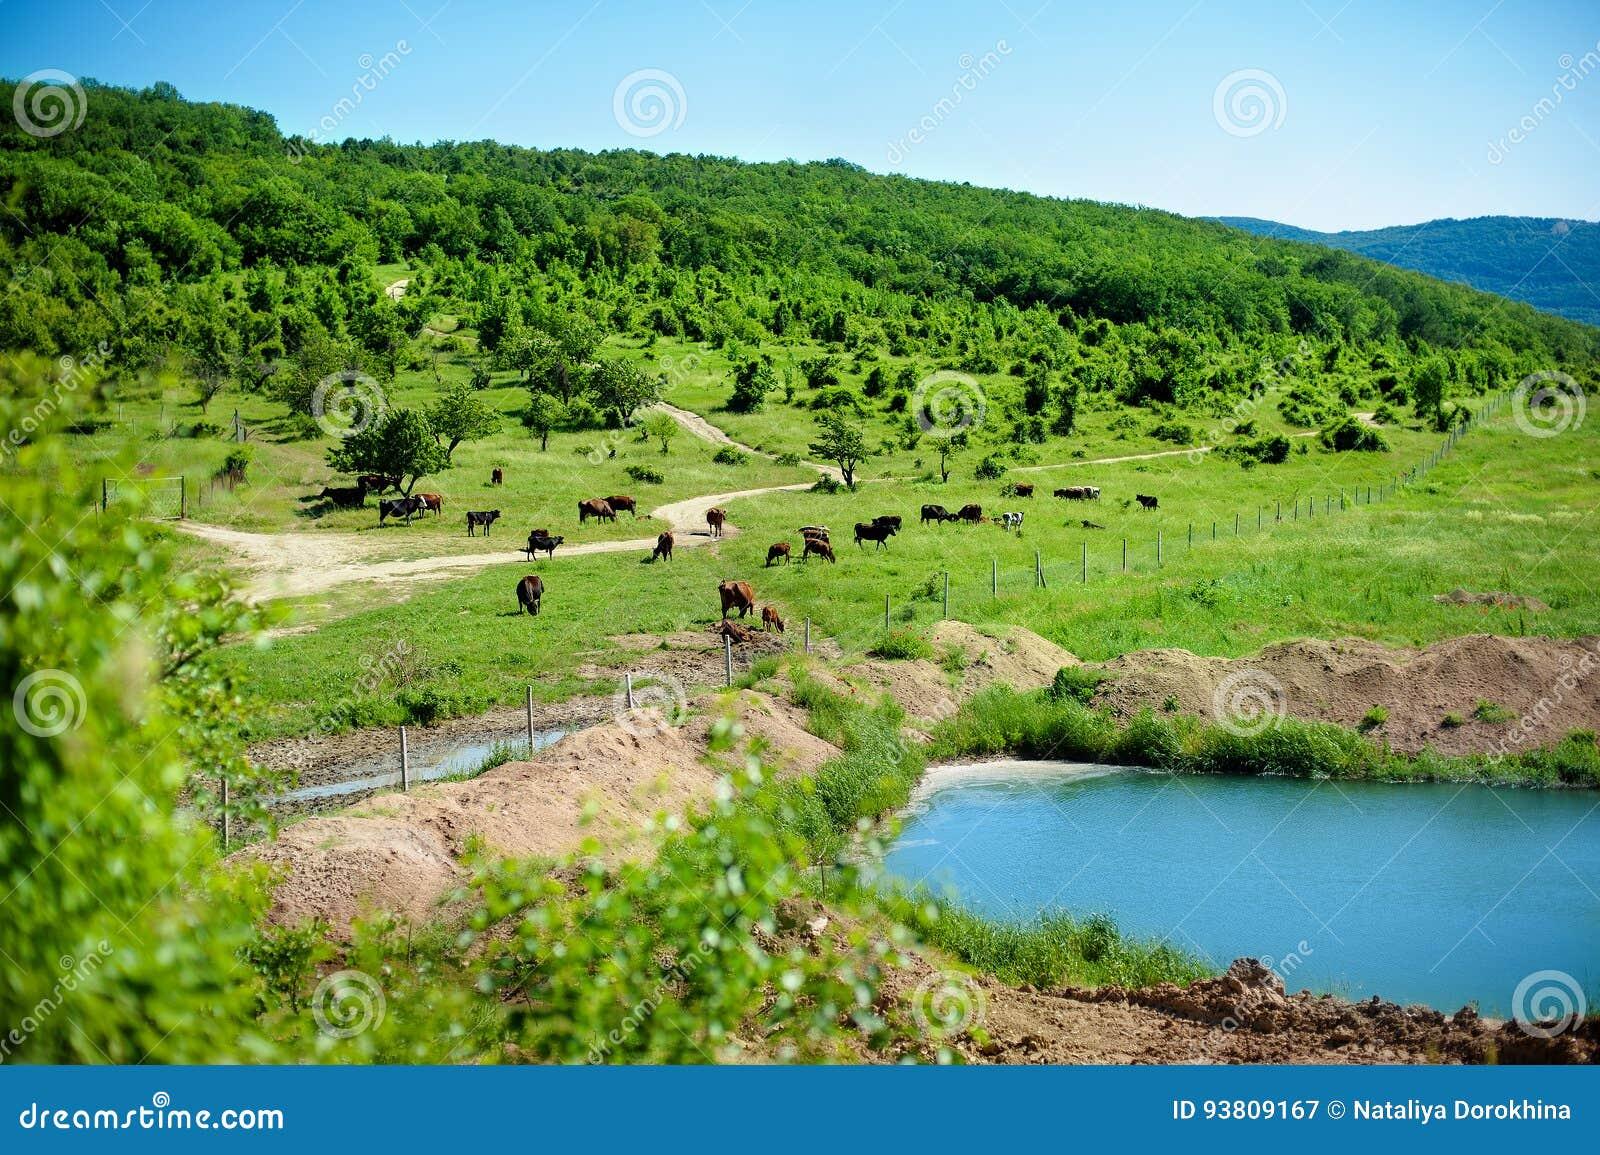 Troupeau de vaches frôlant sur un pré vert près du lac dans les collines au jour d été ensoleillé Le paysage pittoresque laiterie